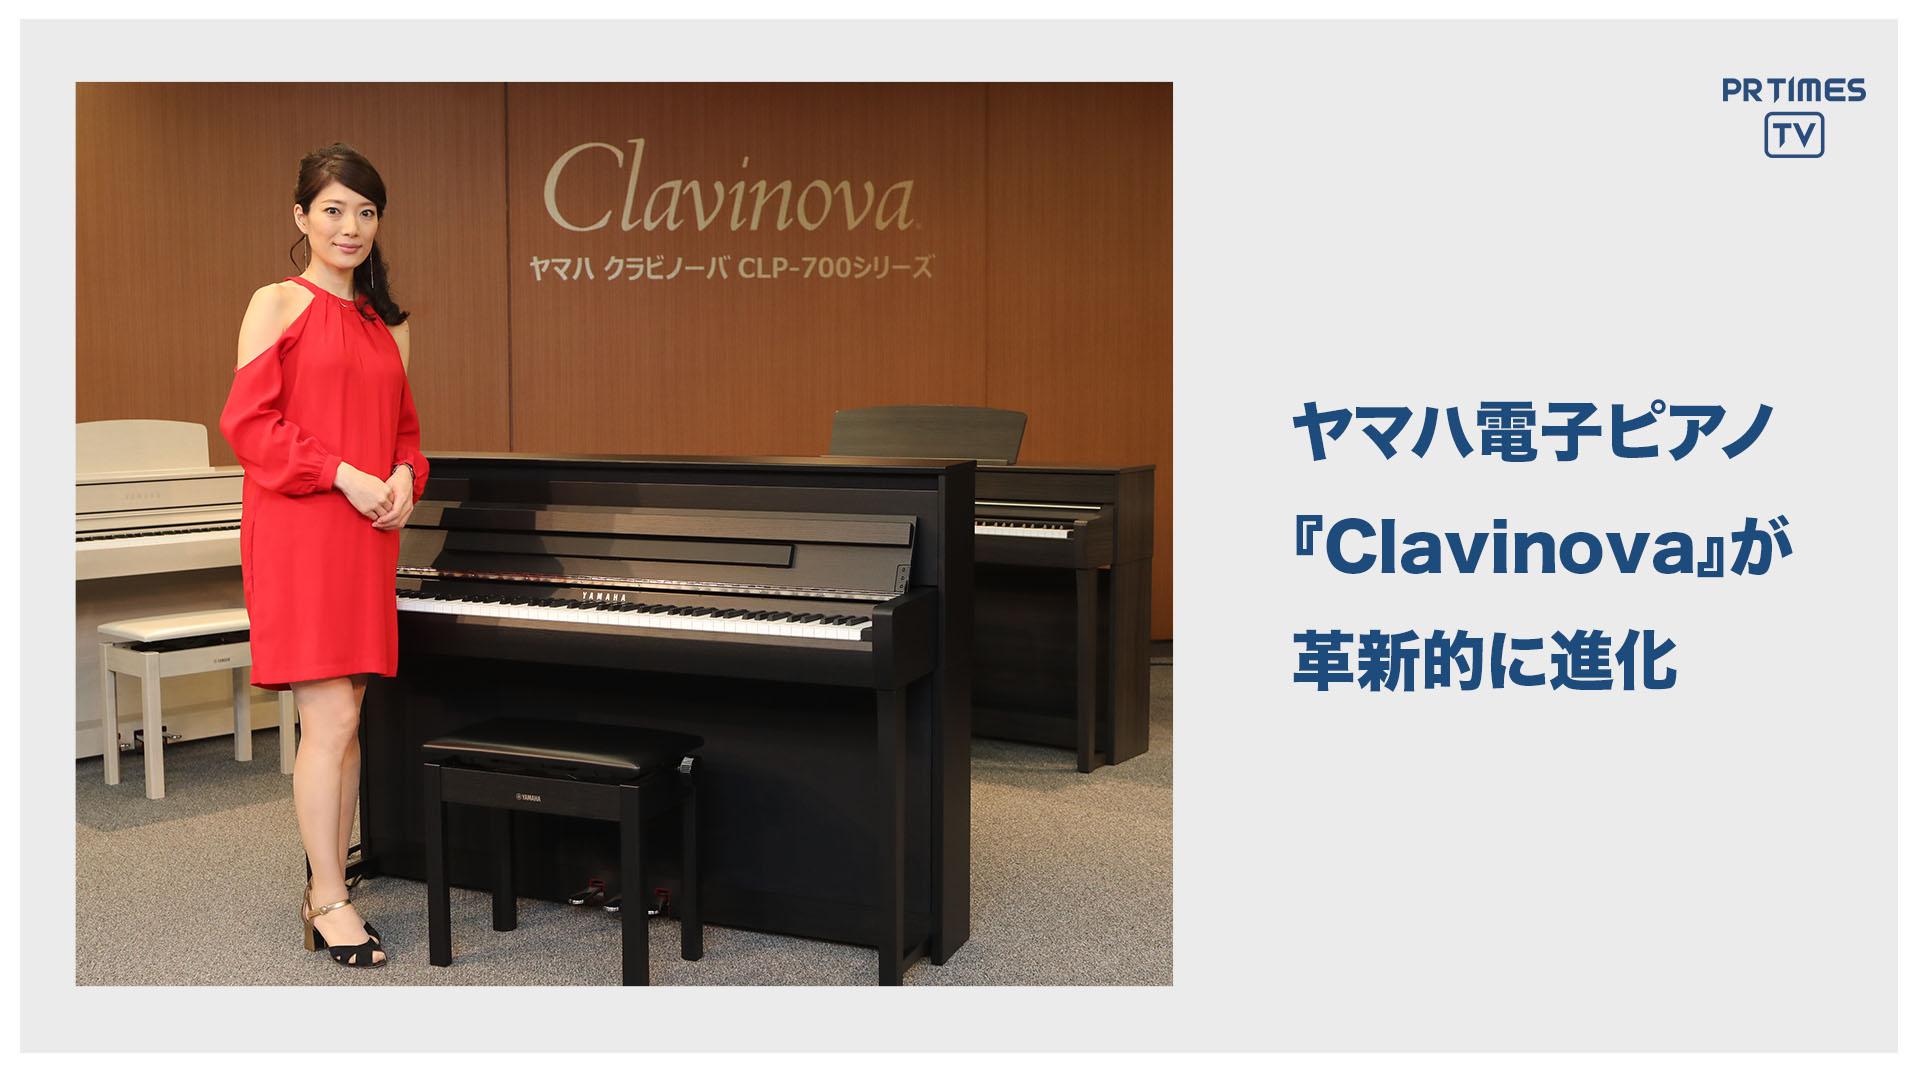 ヤマハ 電子ピアノ新製品 Clavinova『CLP-700シリーズ』を8月31日(月)より順次発売